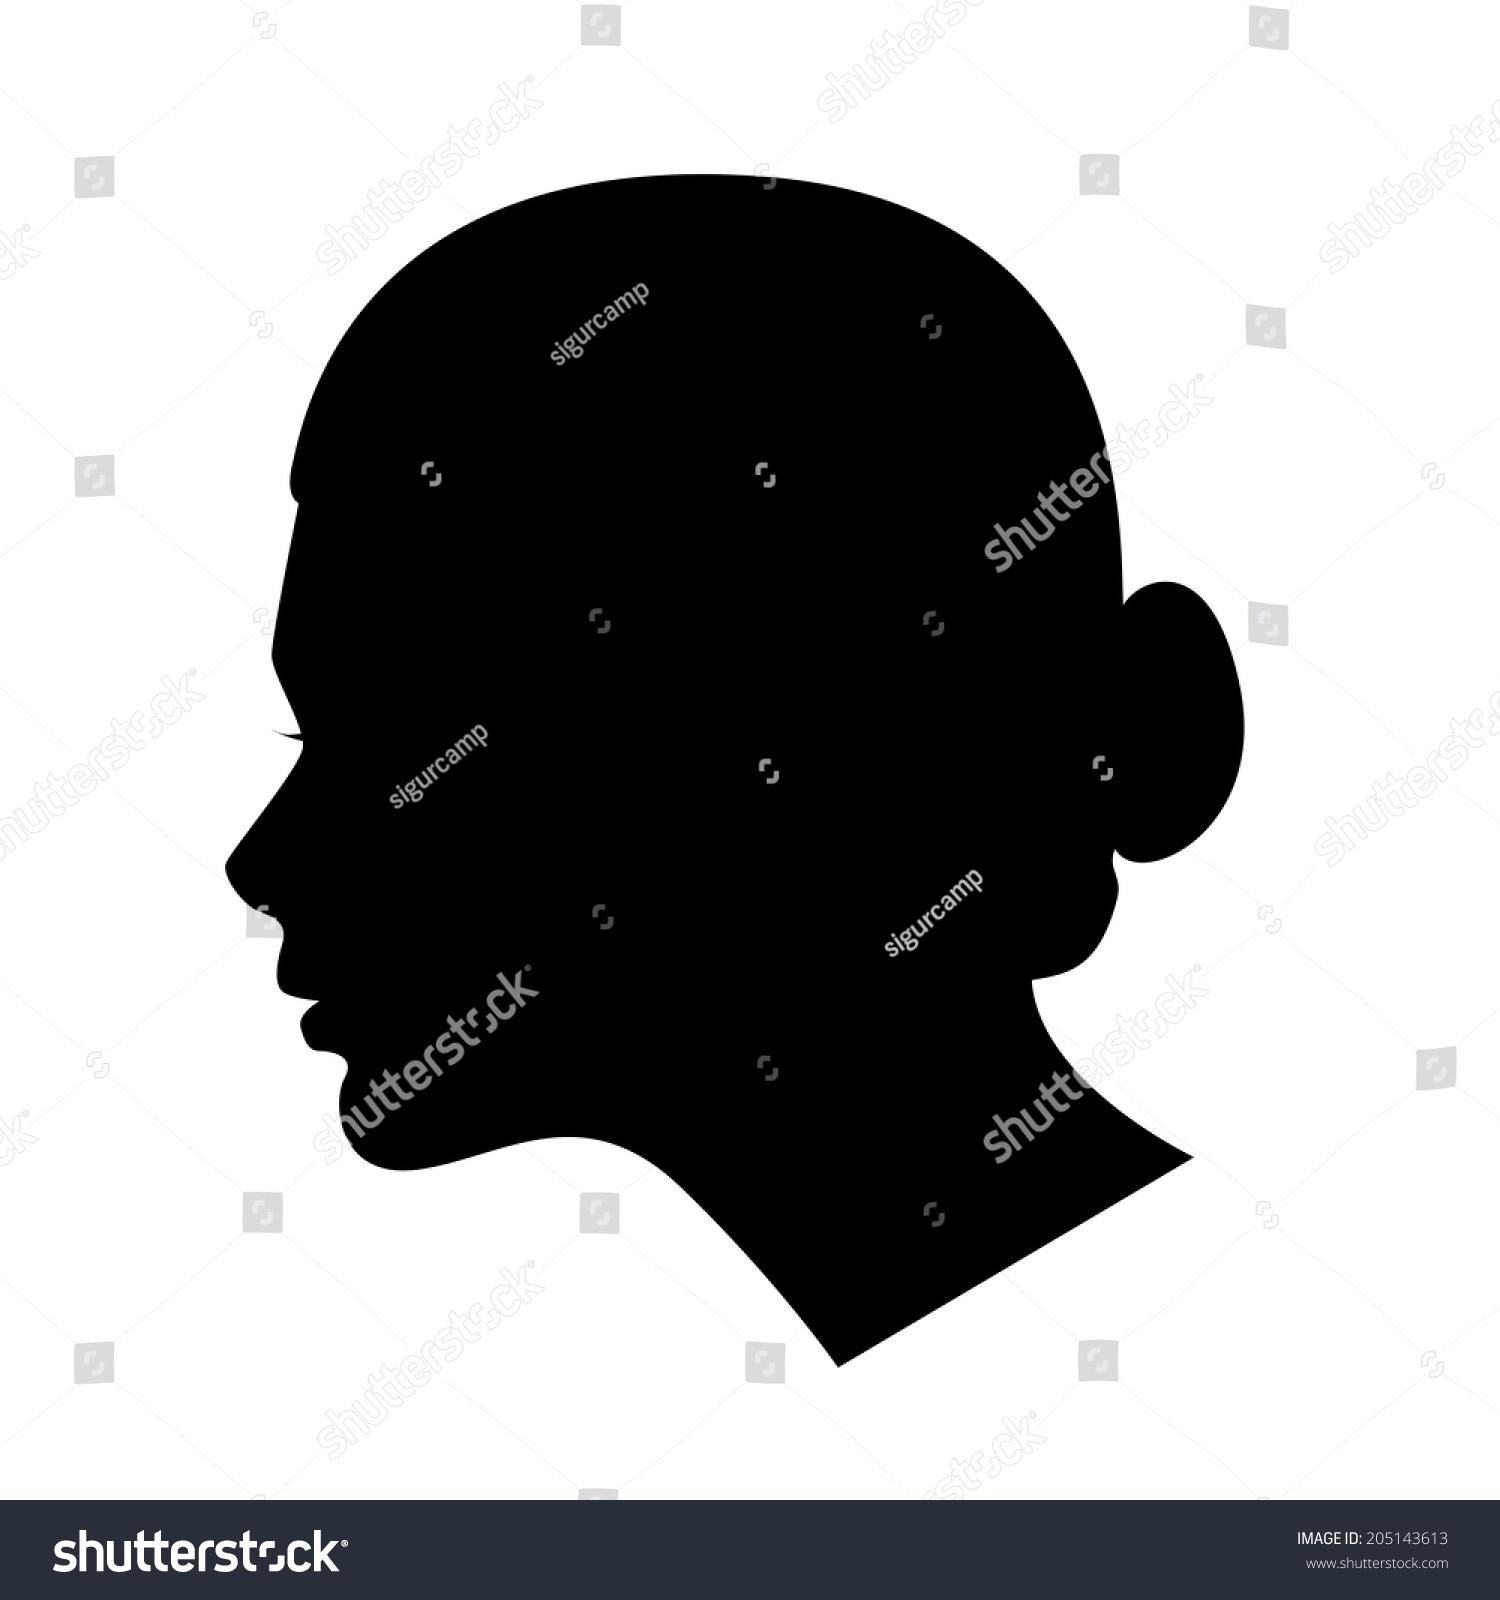 Profile Of A Girl With A Bun Ez Canvas